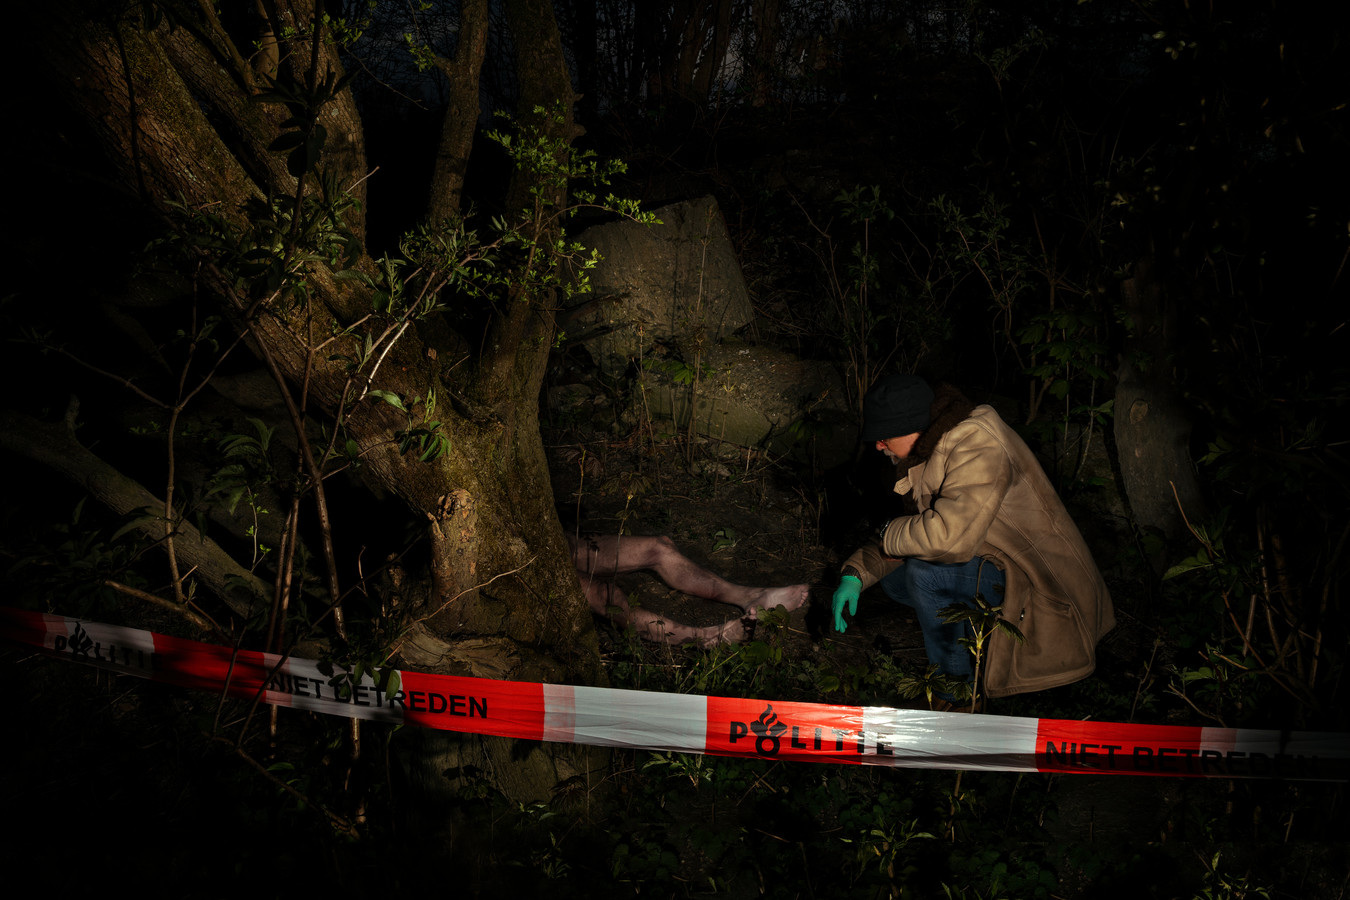 Rechercheur Kees onderzoekt een moord in Meinerswijk/Stadsblokken in Arnhem